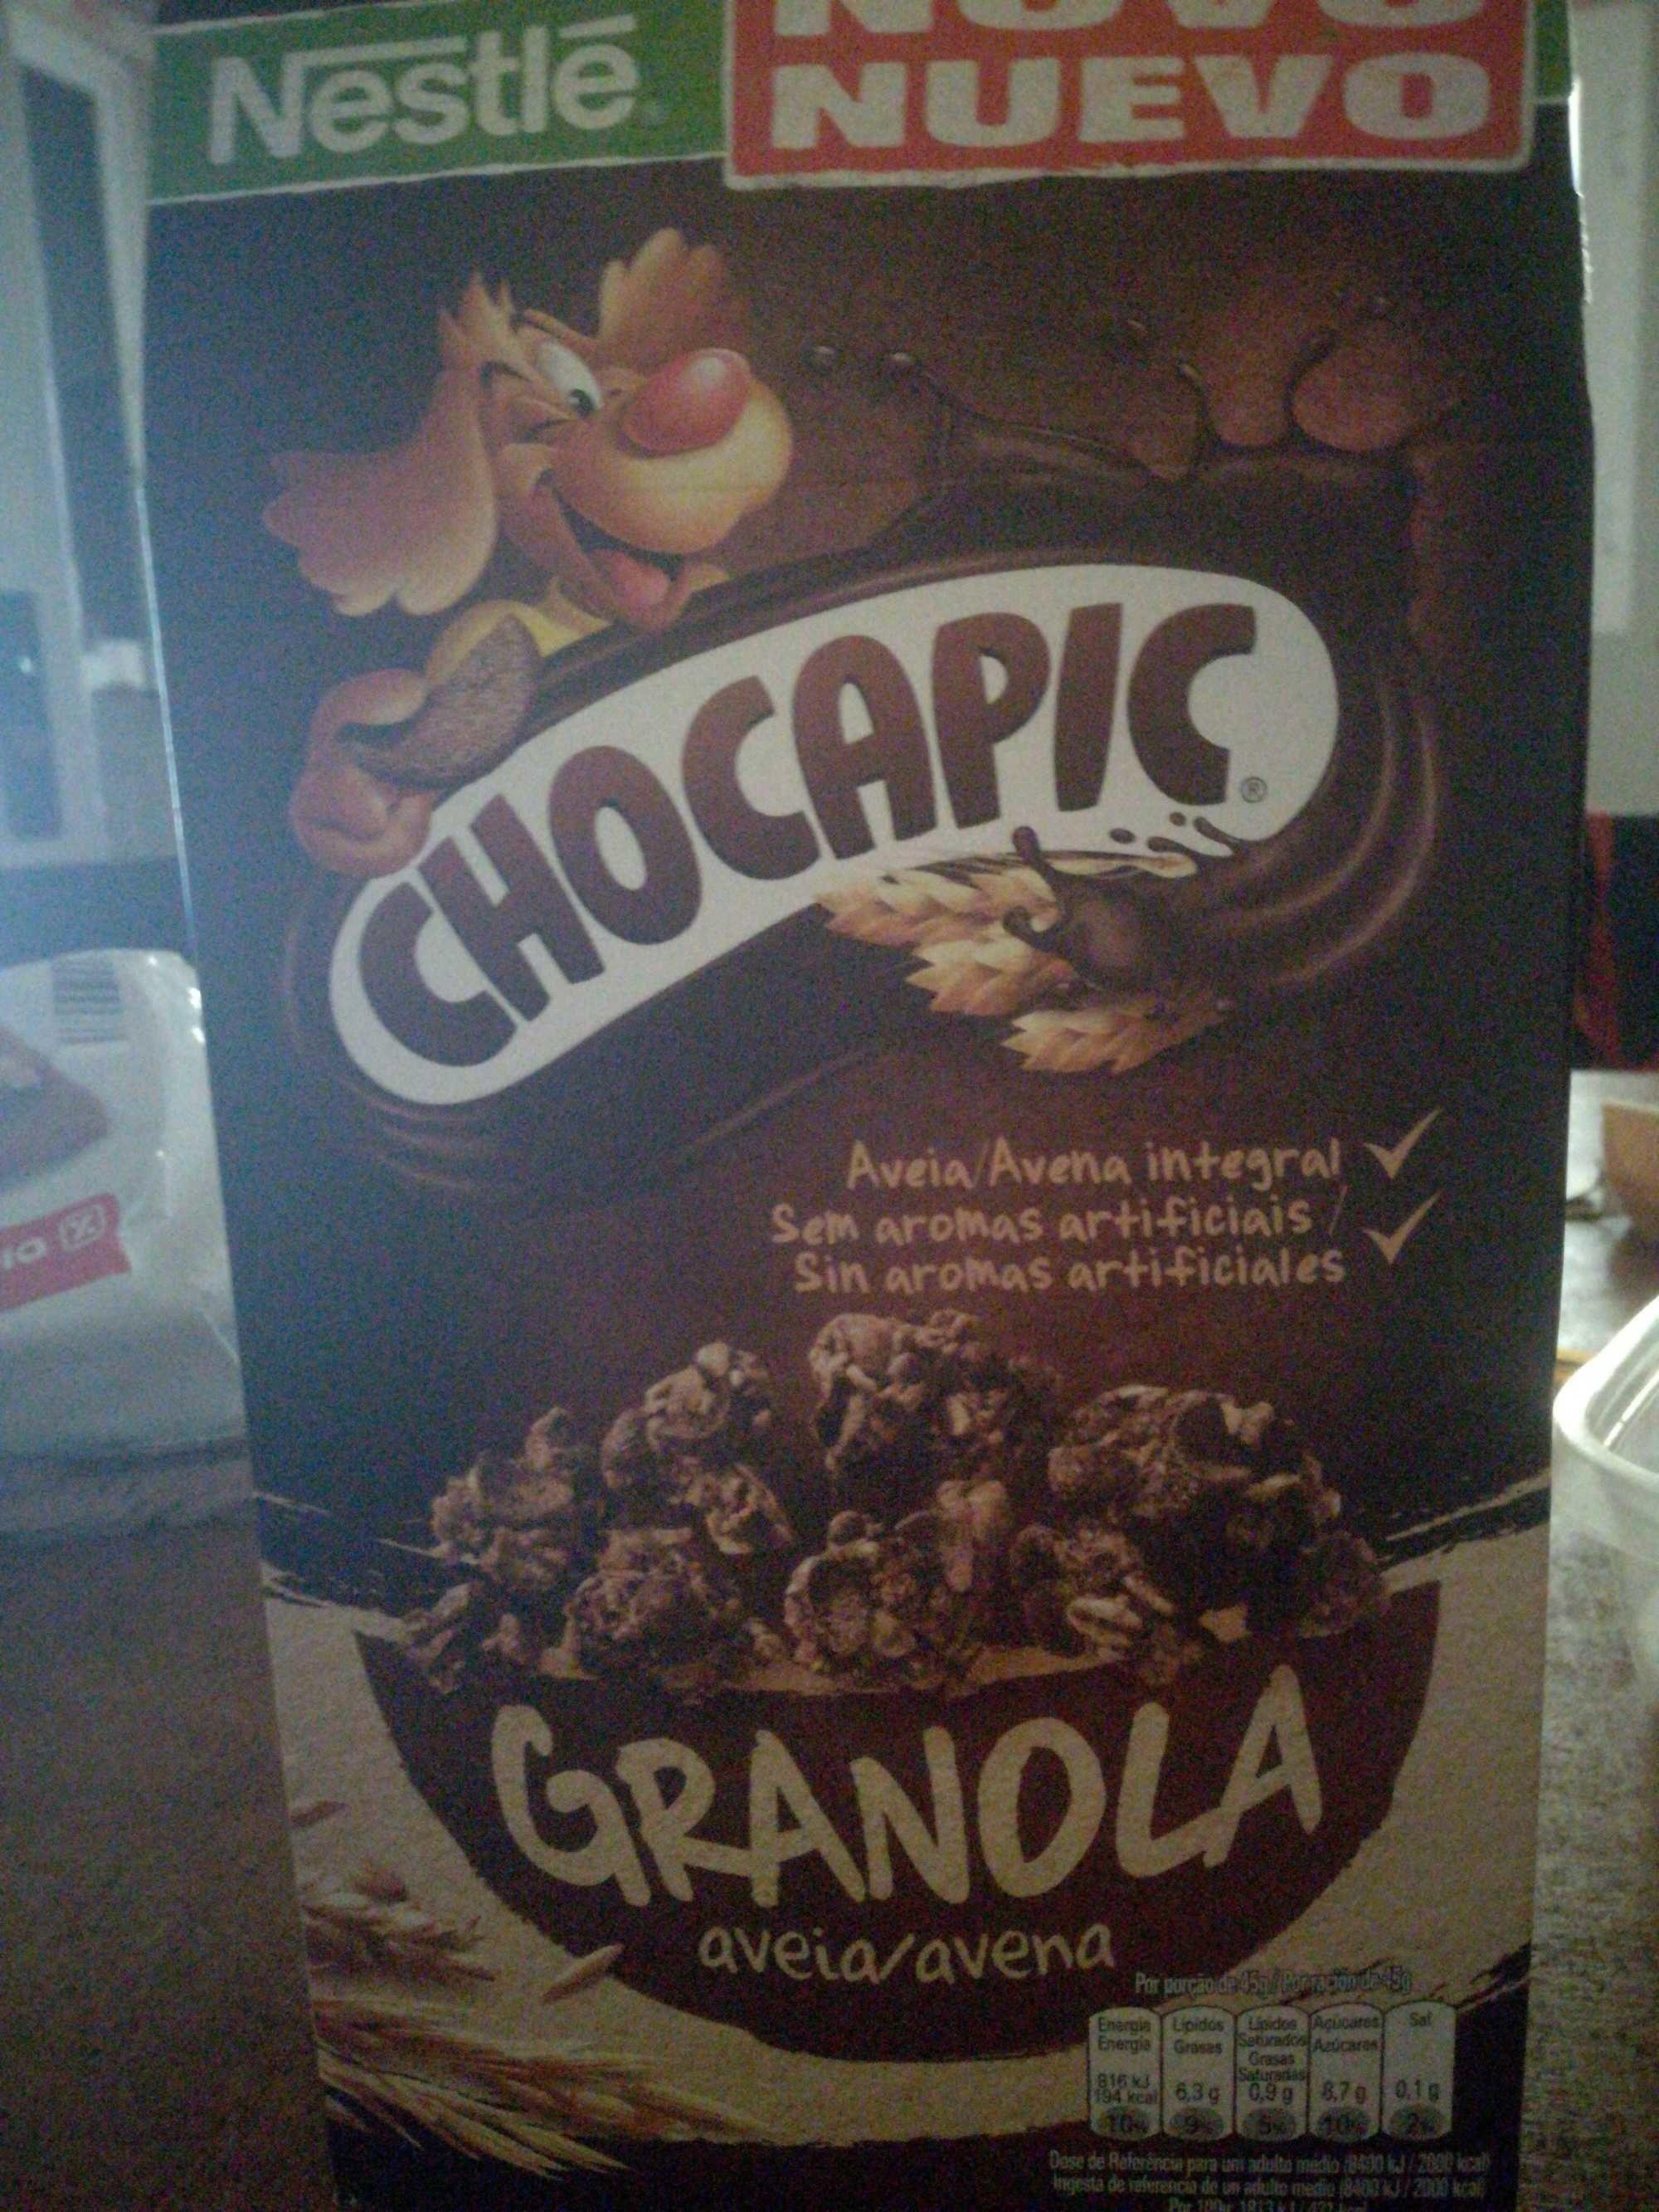 Nestlé Granolas Chocapic De Avena - Producto